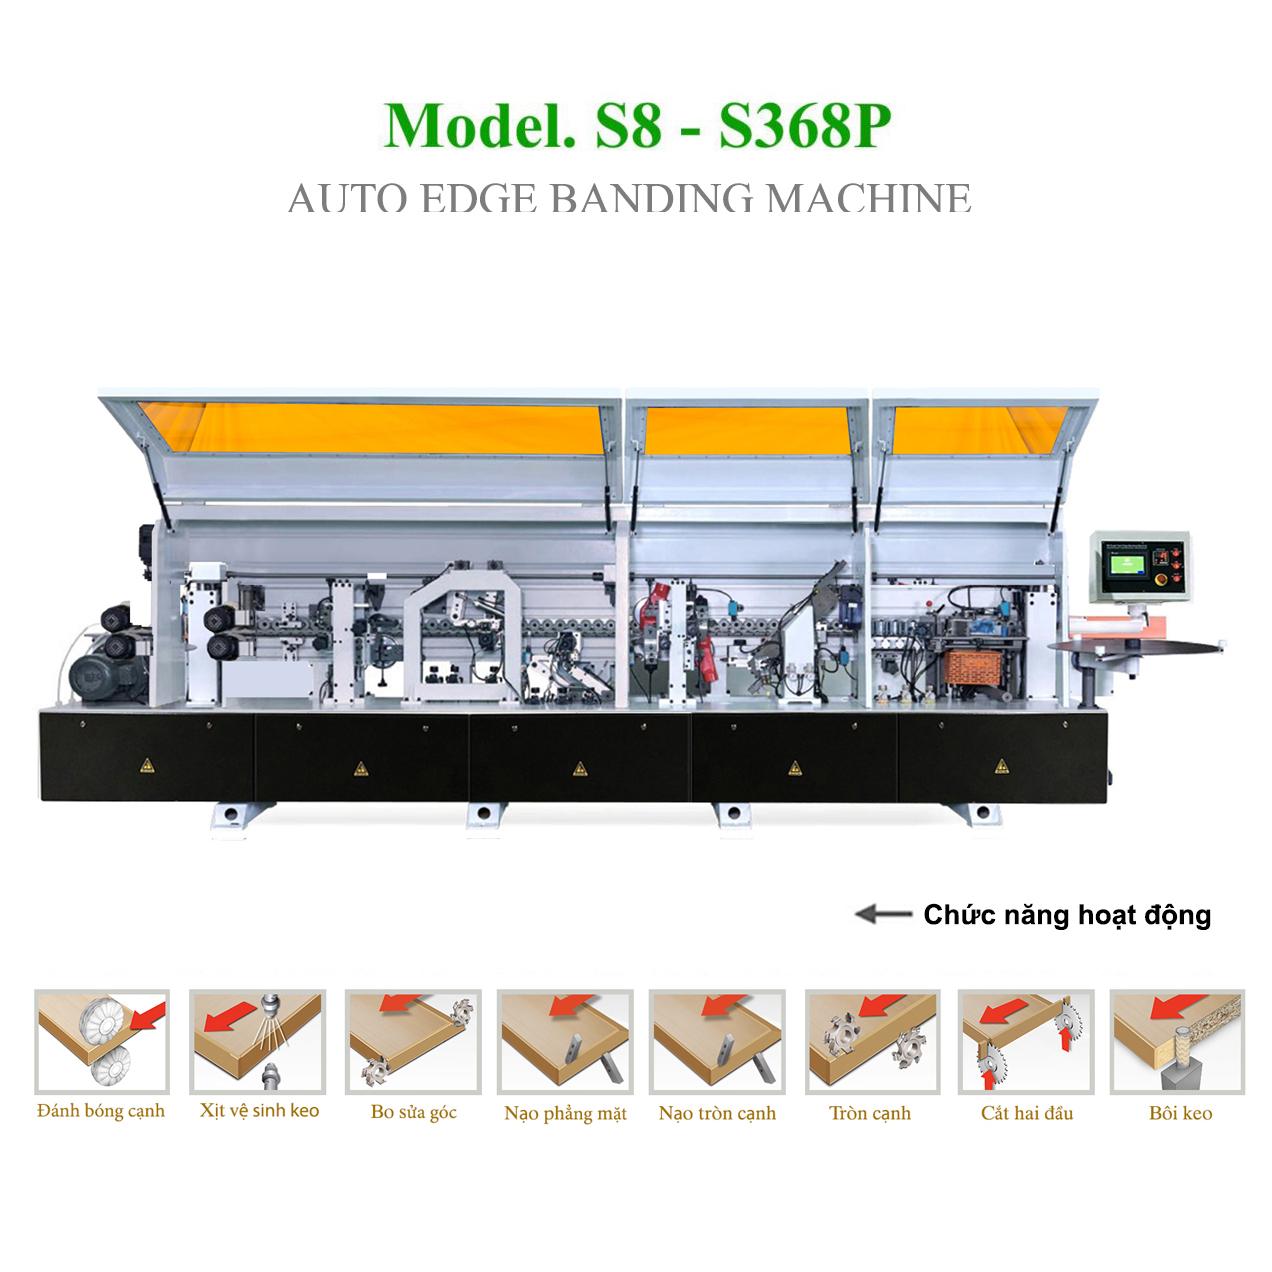 Máy dán cạnh tự động FULL chức năng  S8 - S368P